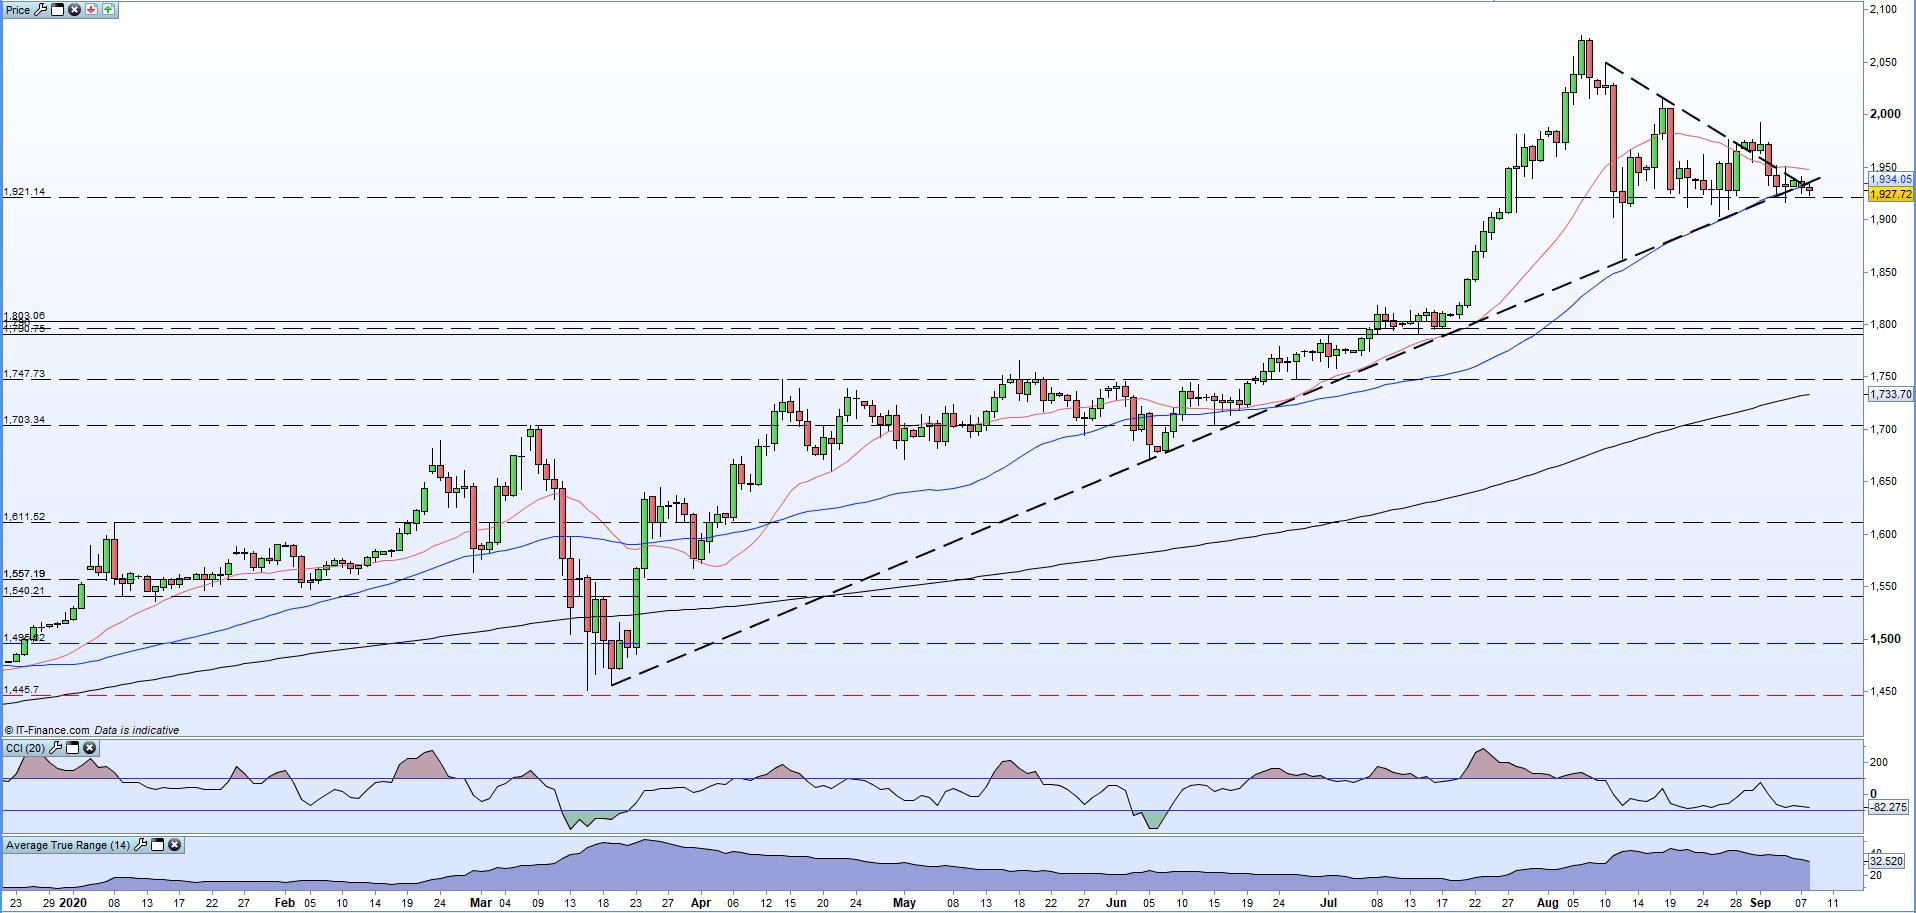 黄金走势前景:金价在悬崖边上摇摇欲坠,短期跌势似乎已接管市场